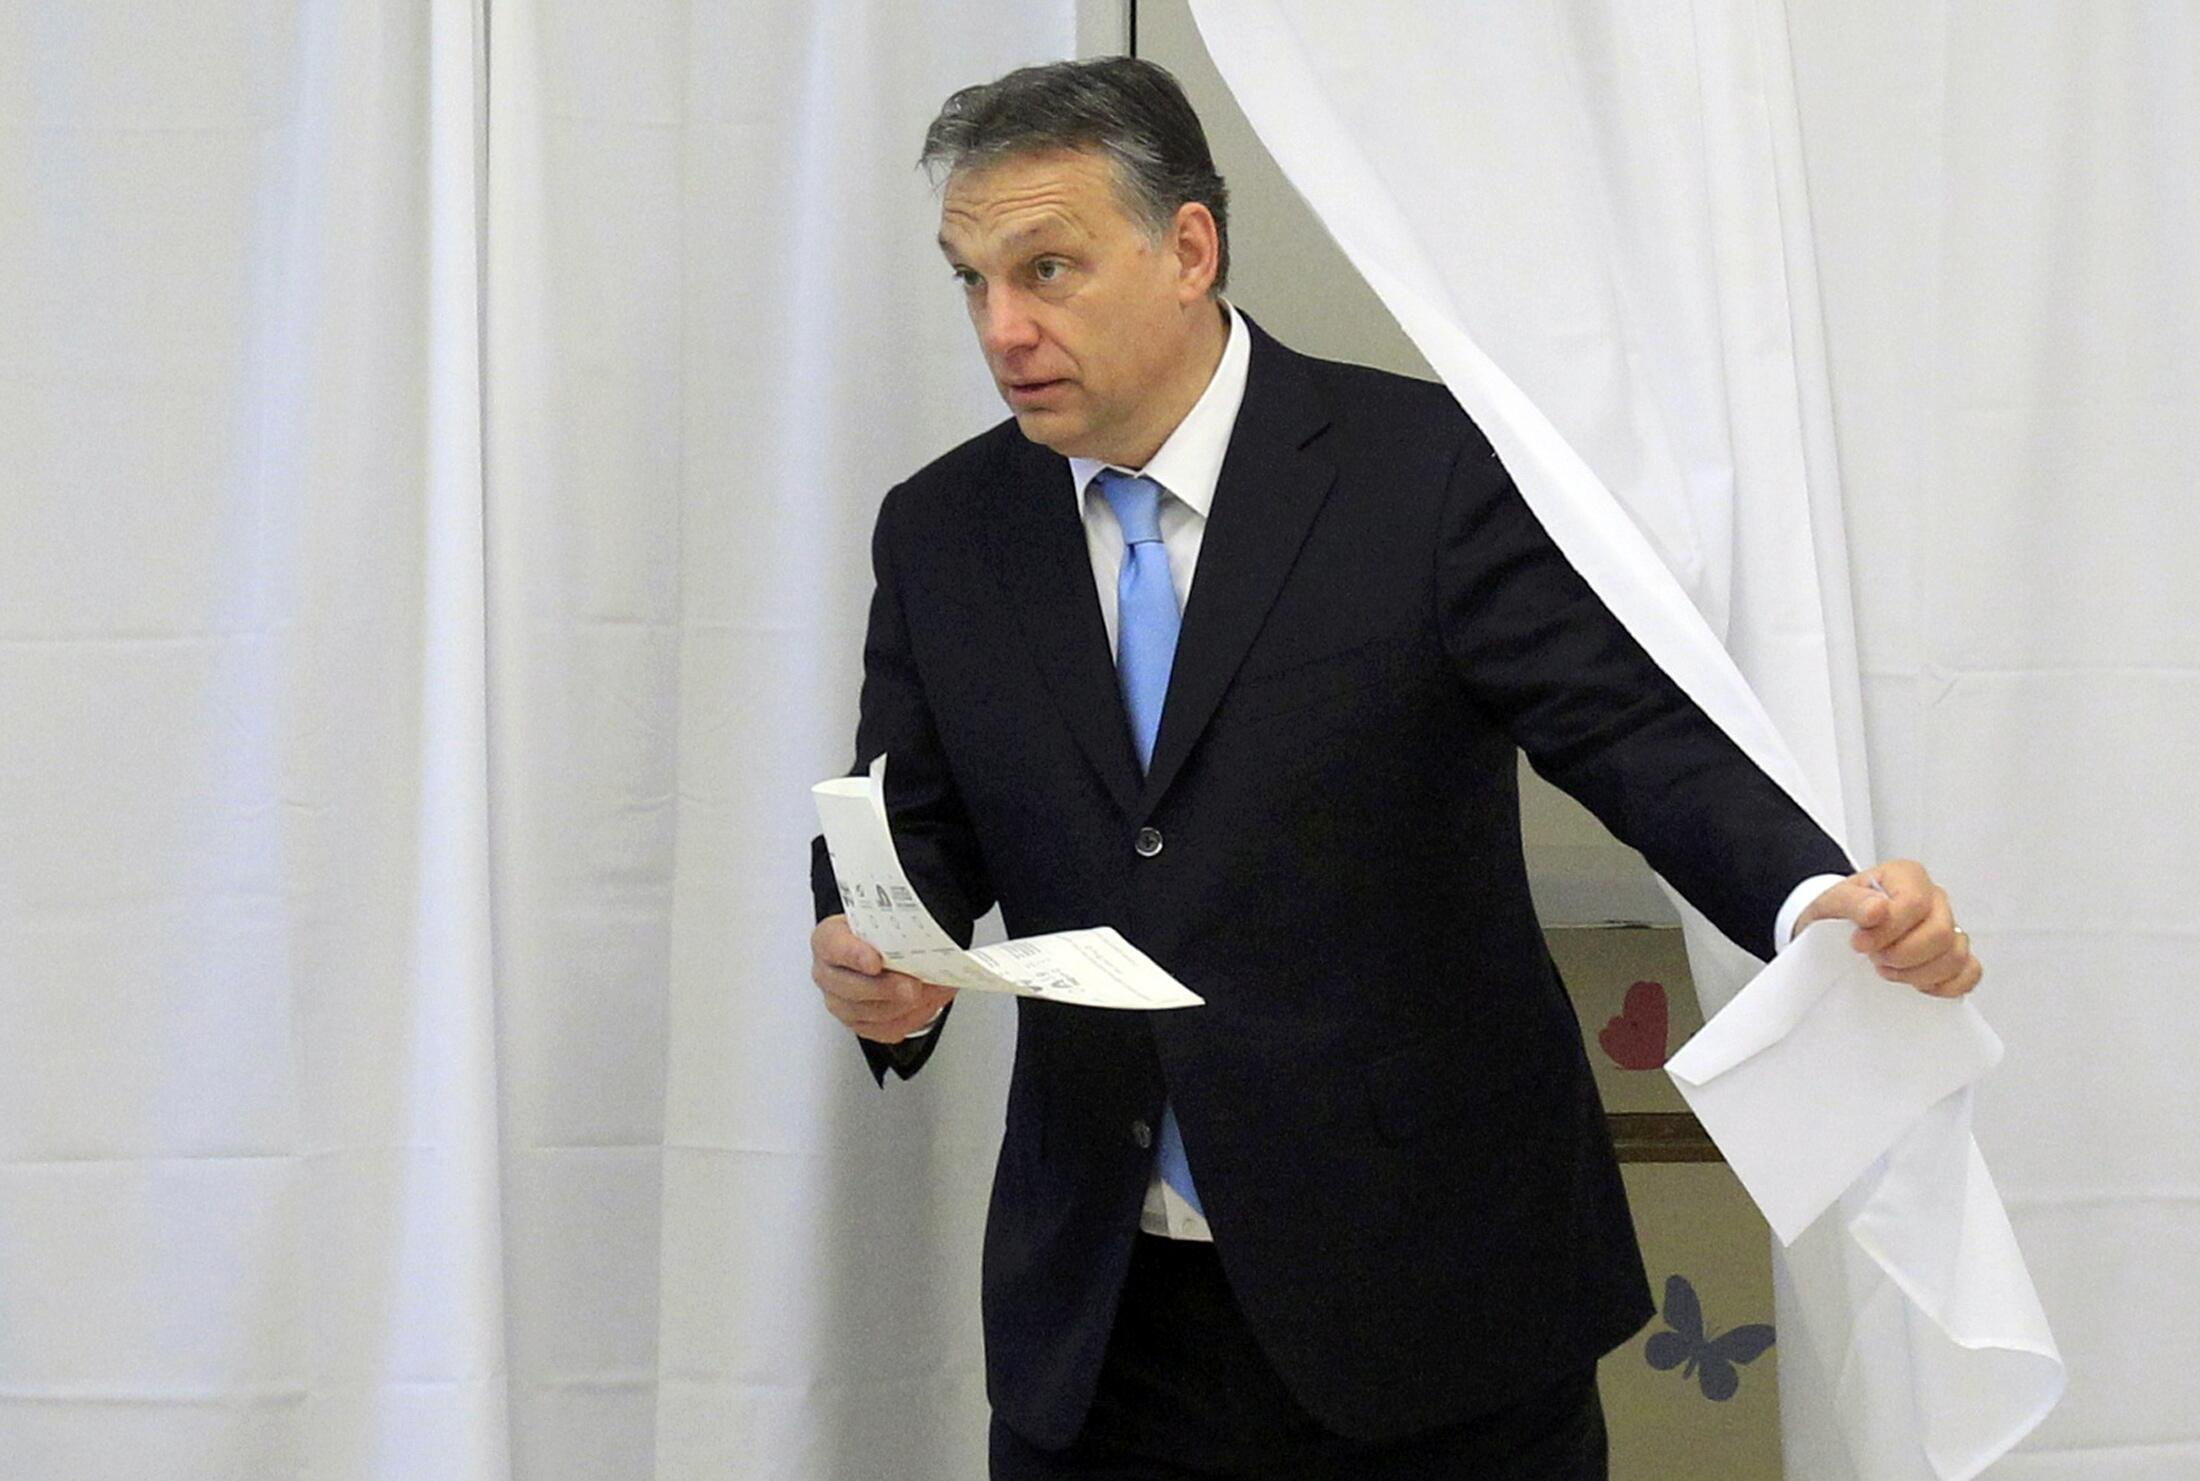 Firaministan Hungary Viktor Orban a lokacin da ya kada kuri'ar zabe.